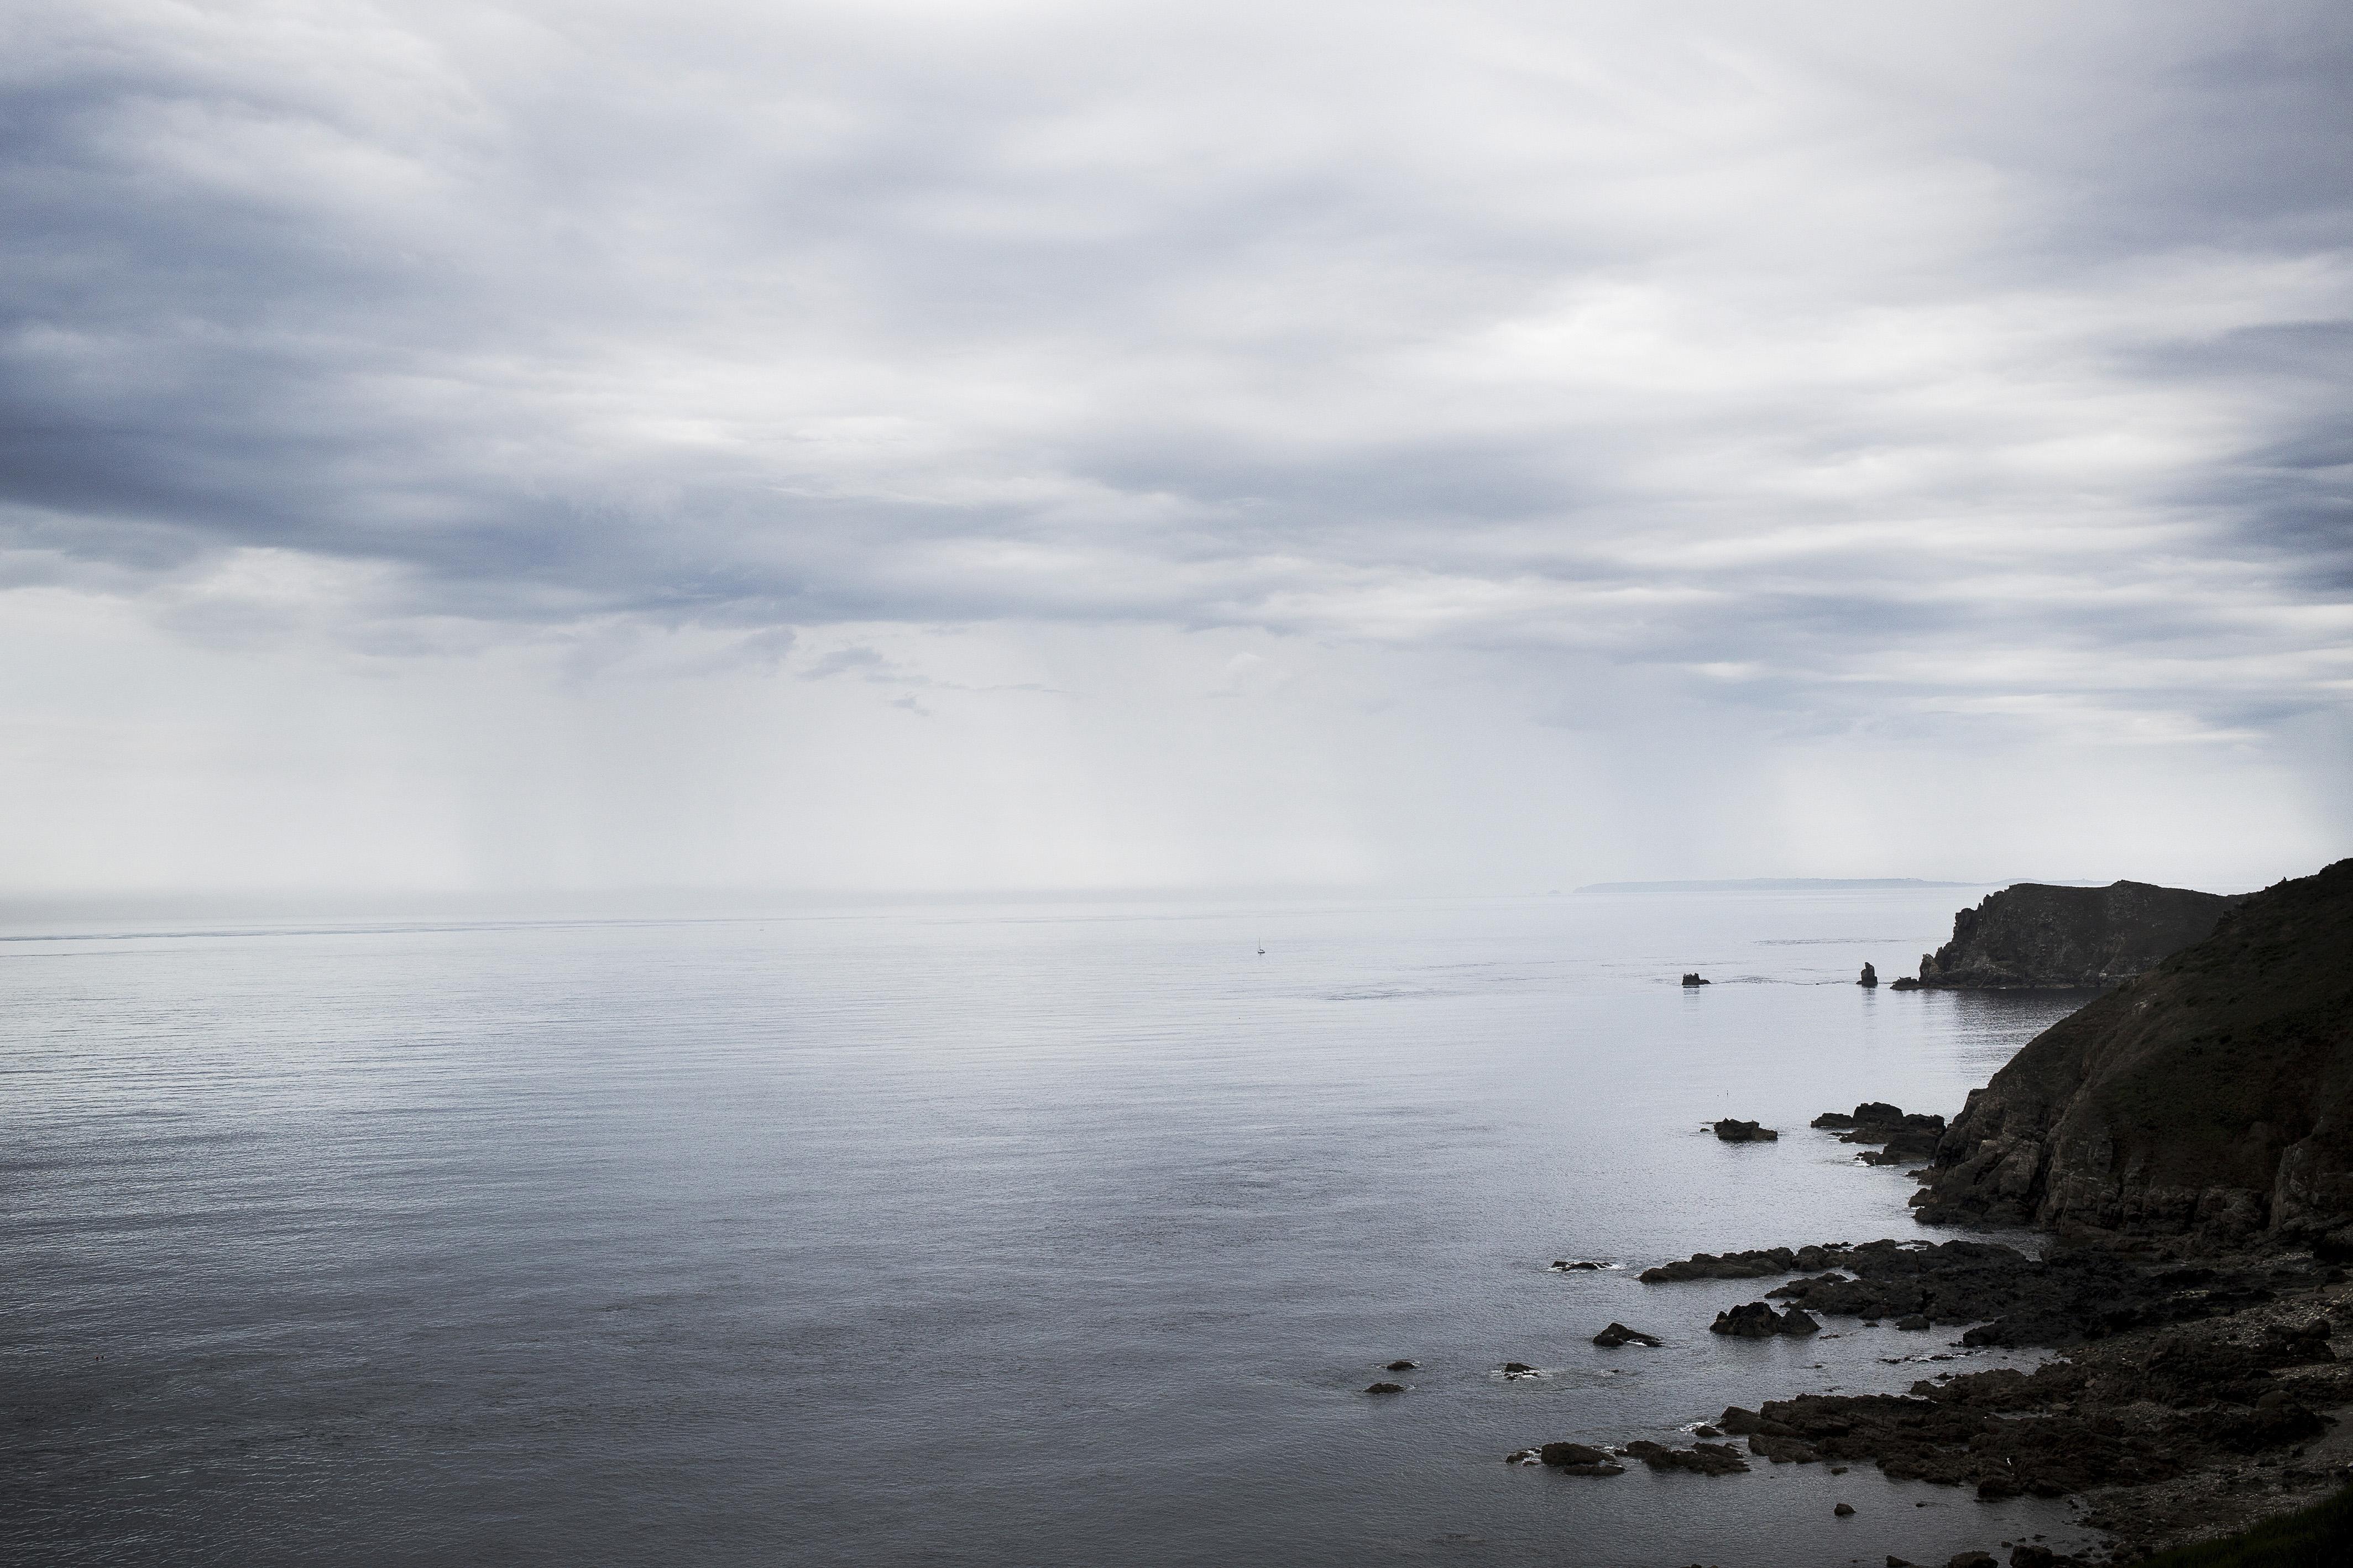 Egyedül vágott neki a La Manche-csatorna átúszásának, nyolc órás keresés után találtak rá